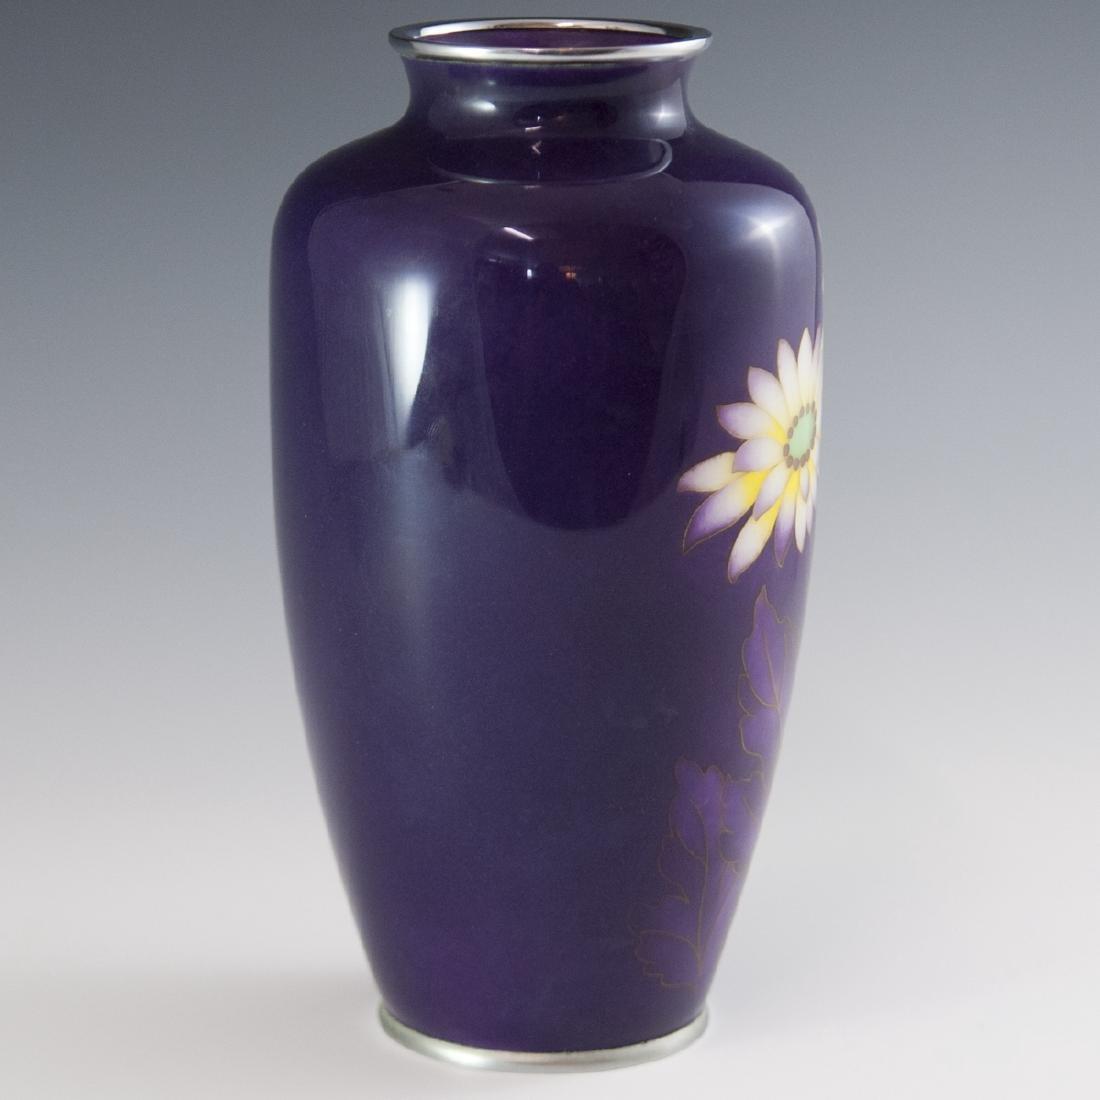 Japanese Enameled Cloisonne Vase - 5